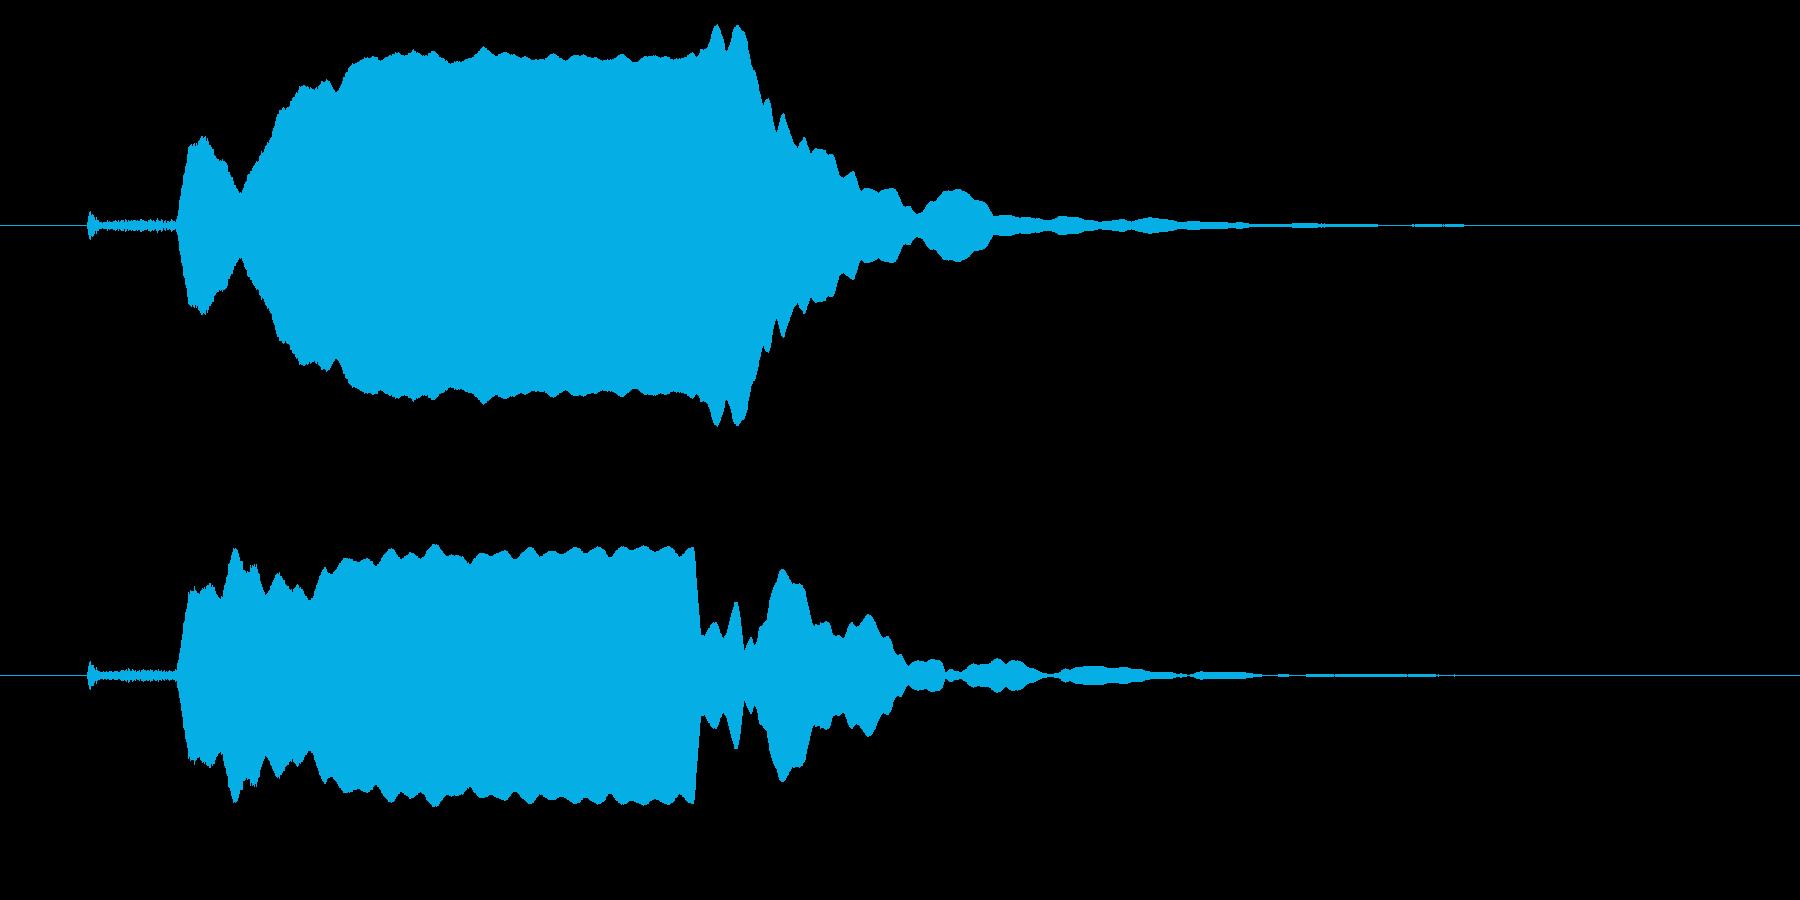 改札 ビープ音01-11(音色1 遠)の再生済みの波形